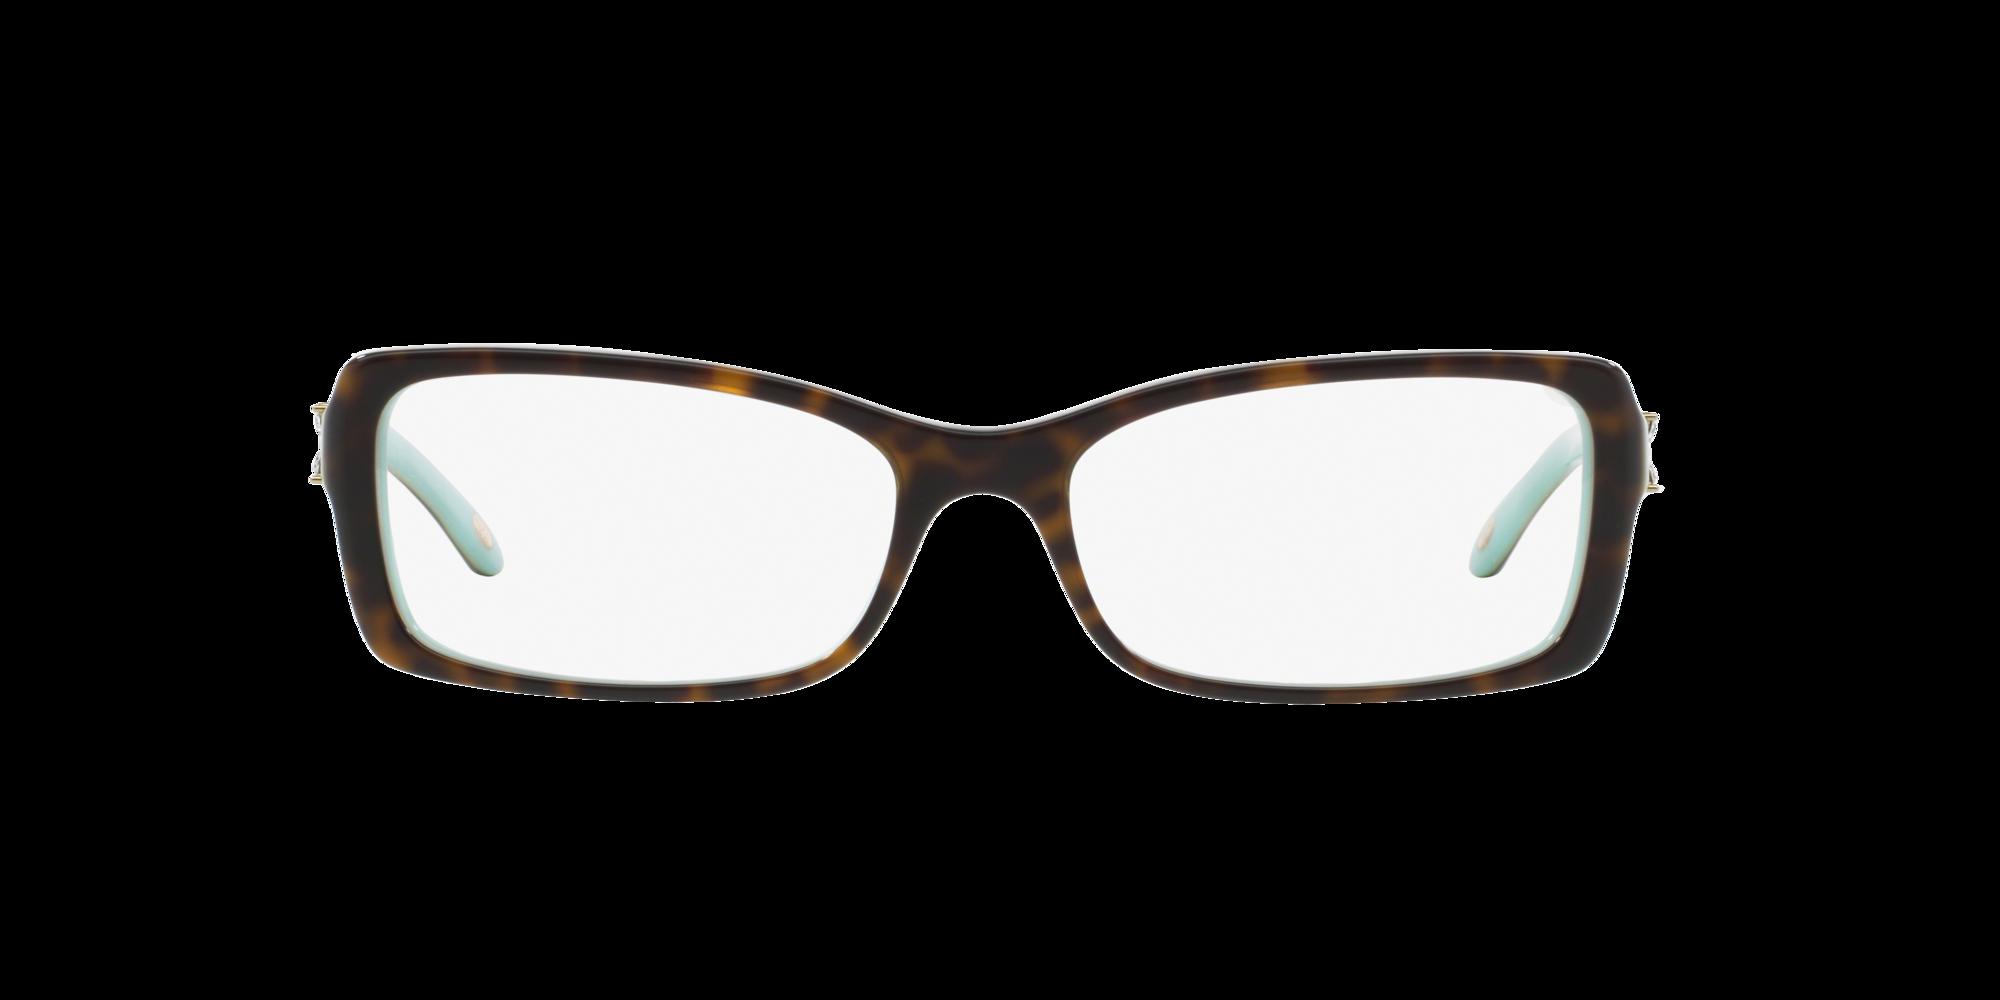 Imagen para TF2091B de LensCrafters |  Espejuelos, espejuelos graduados en línea, gafas